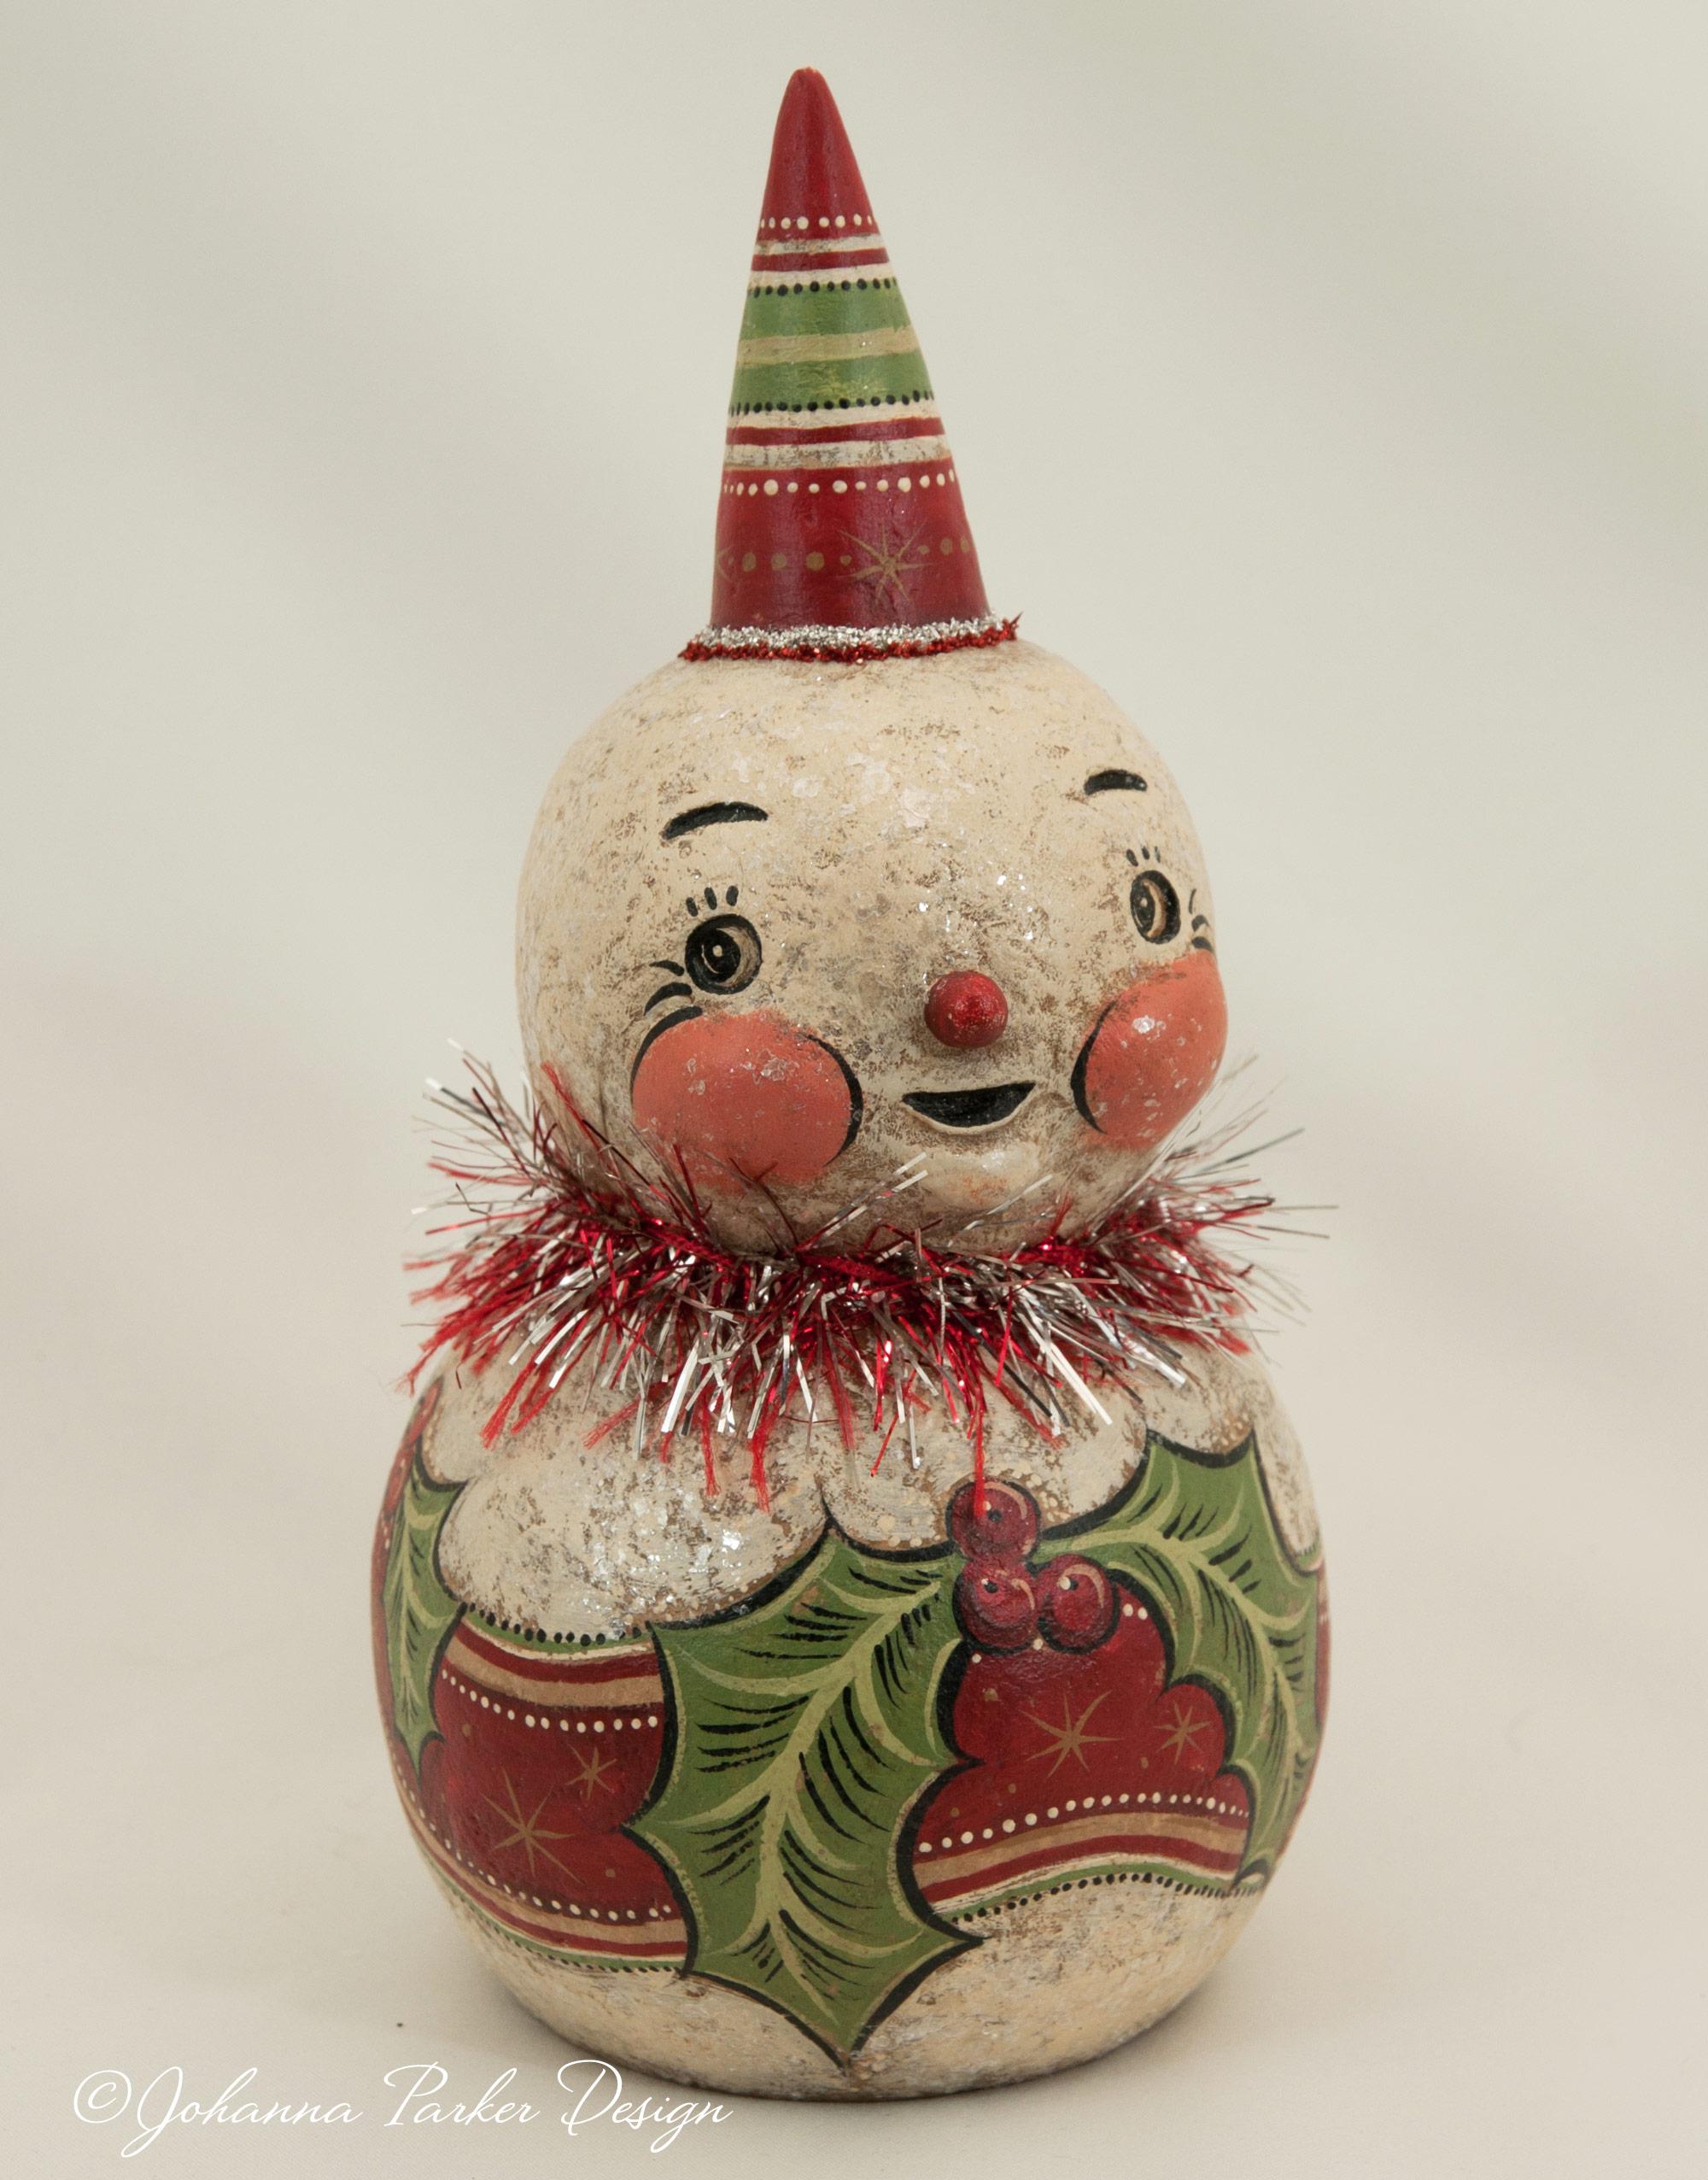 Holly snowman